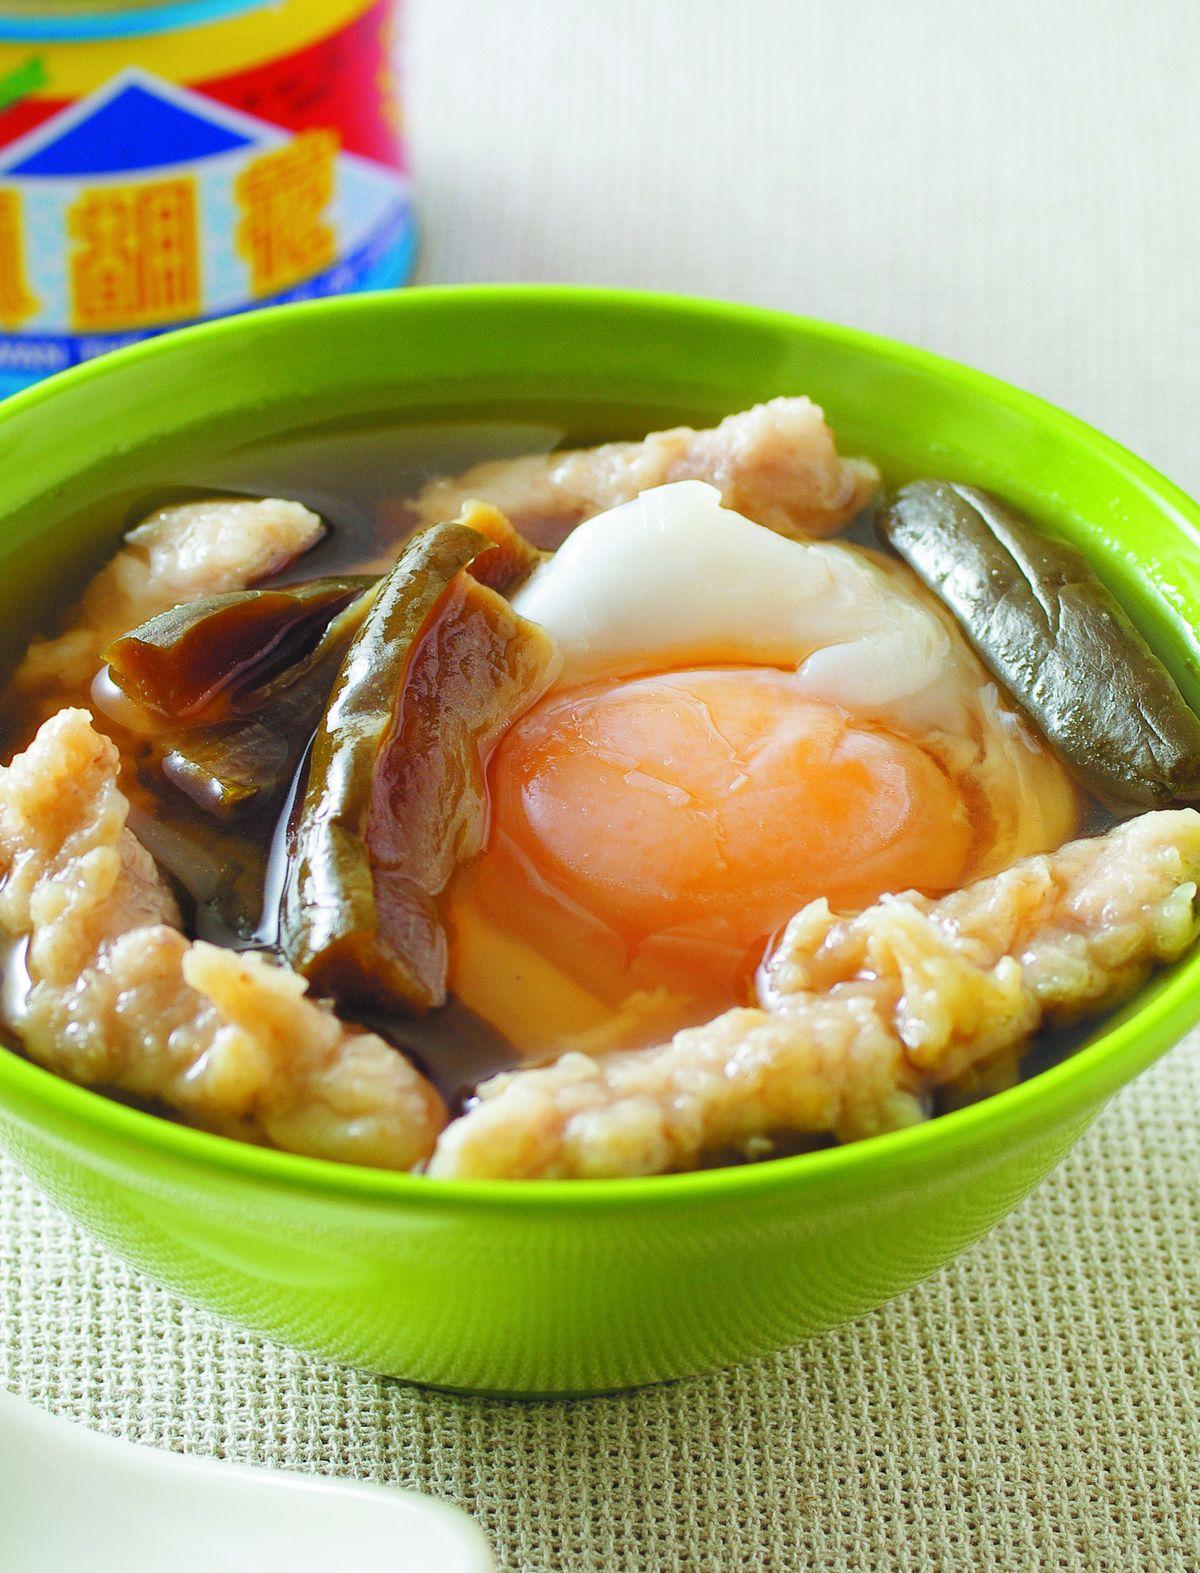 食譜:蛋包瓜仔肉湯